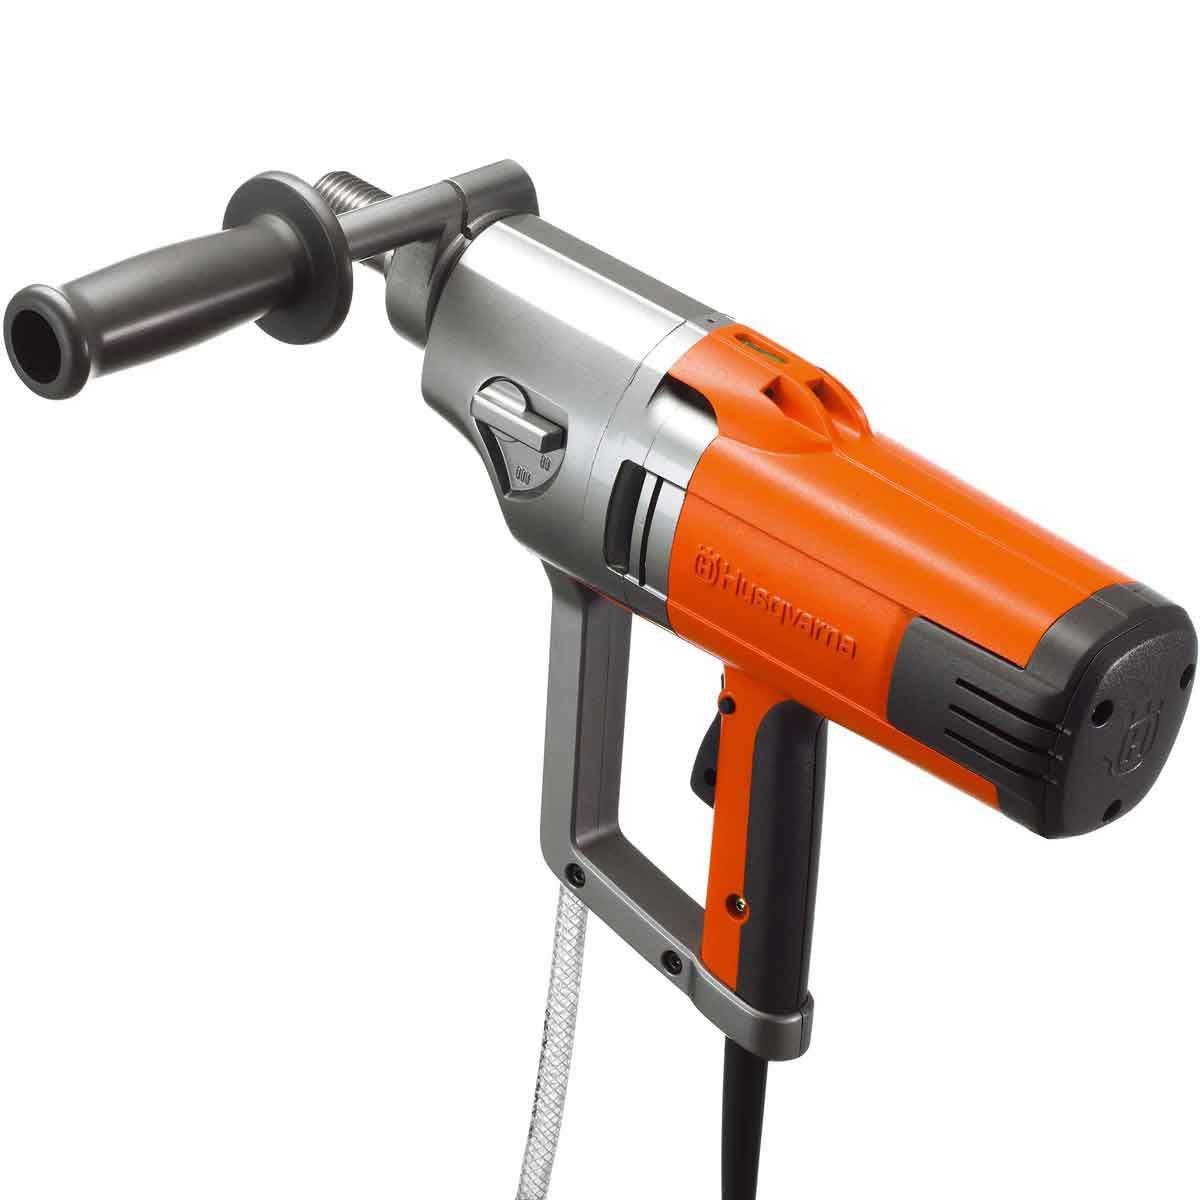 Husqvarna DM230 Hand Held drill